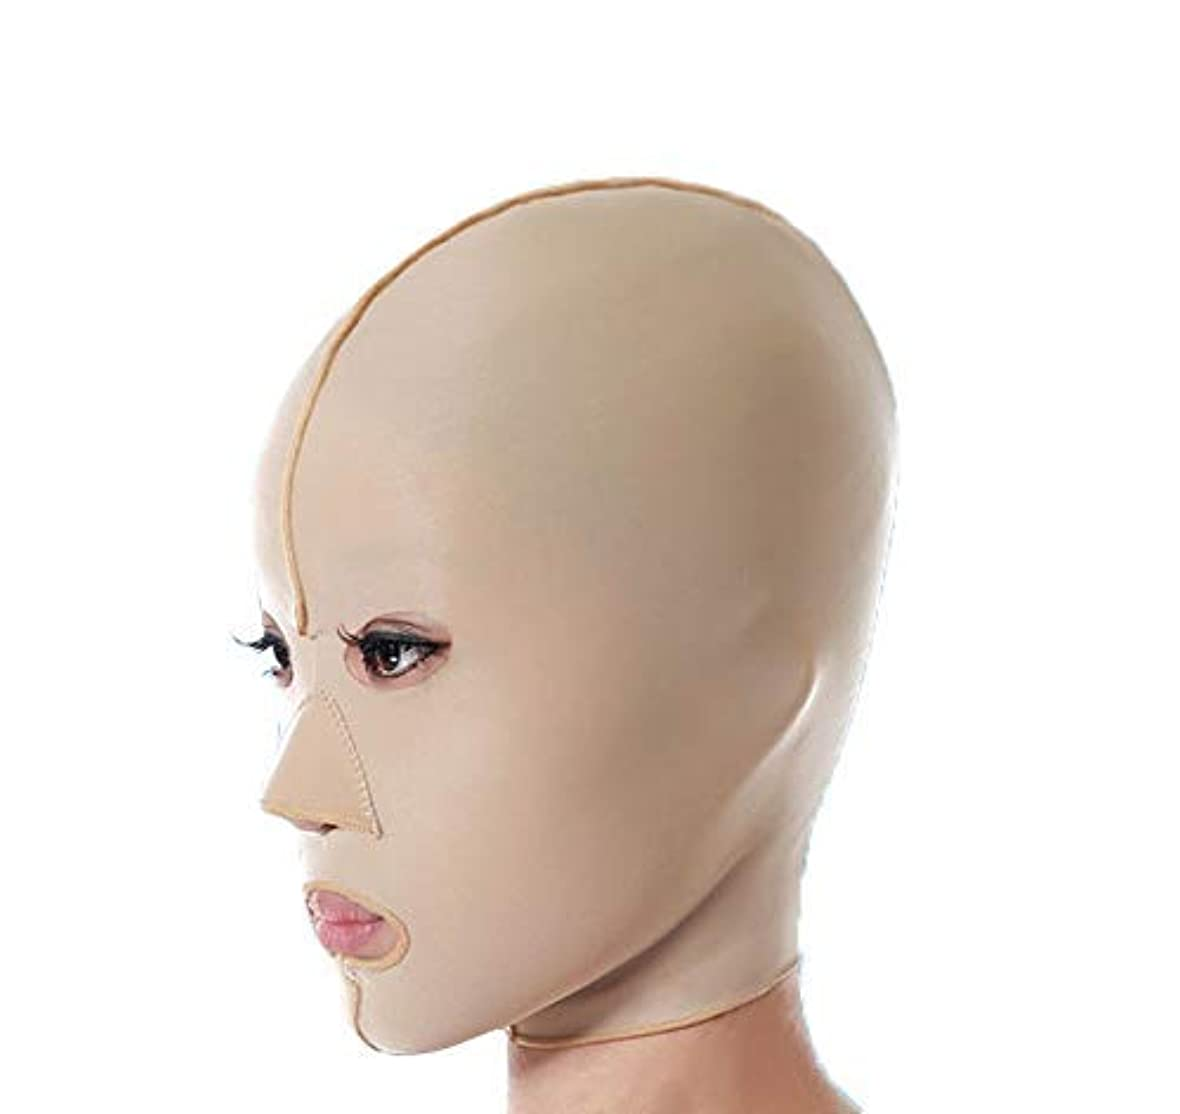 指紋クラシカルセクタファーミングフェイスマスク、フェイシャルマスク医学強力なフェイスマスクアーティファクト美容垂れ防止法パターンフェイシャルリフティングファーミングフルフェイスマスク(サイズ:M),ザ?